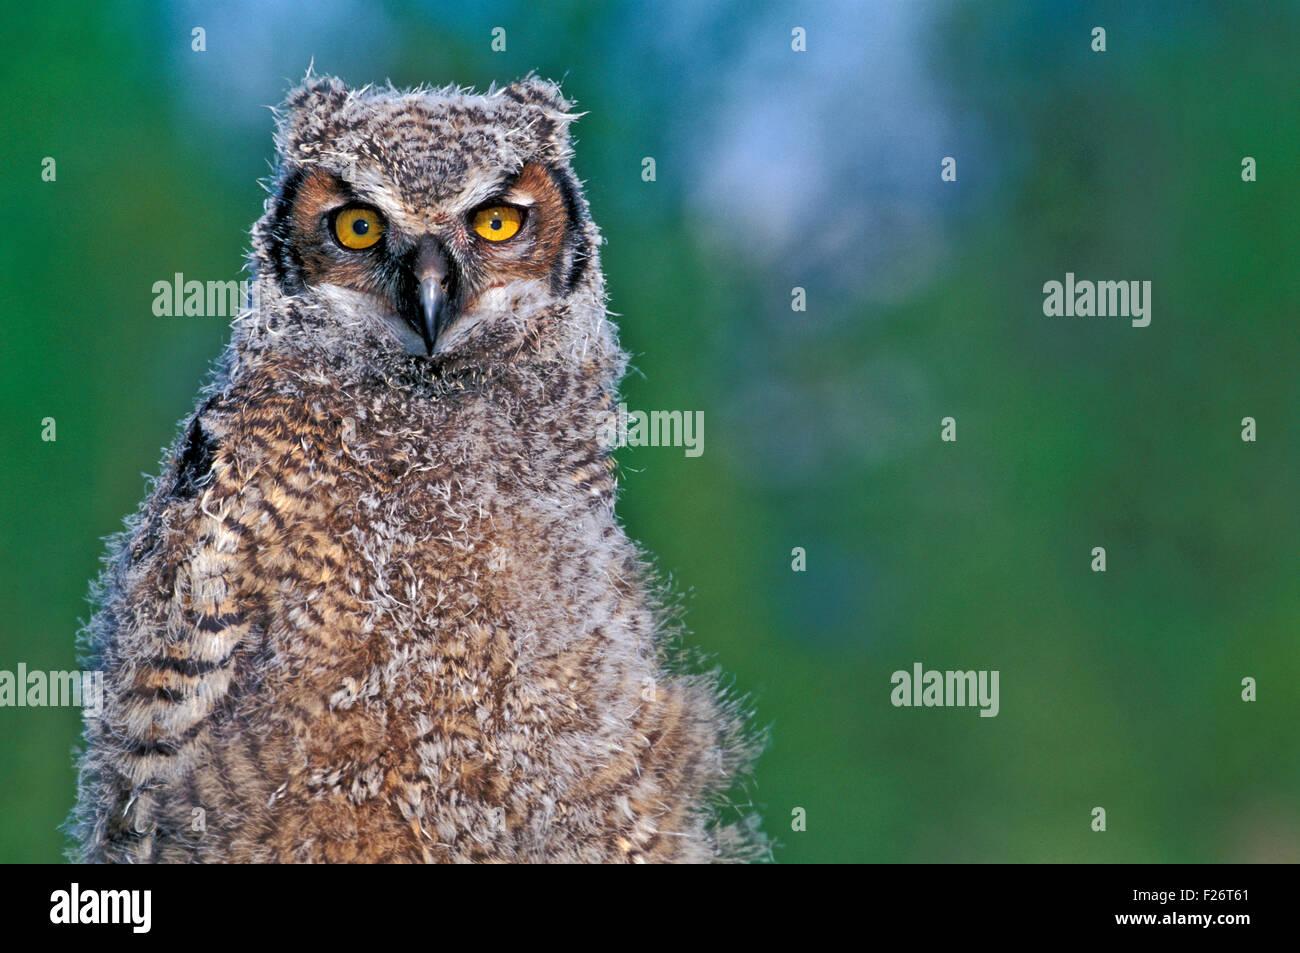 Junge great Horned owl, portrait Nahaufnahme Stockbild